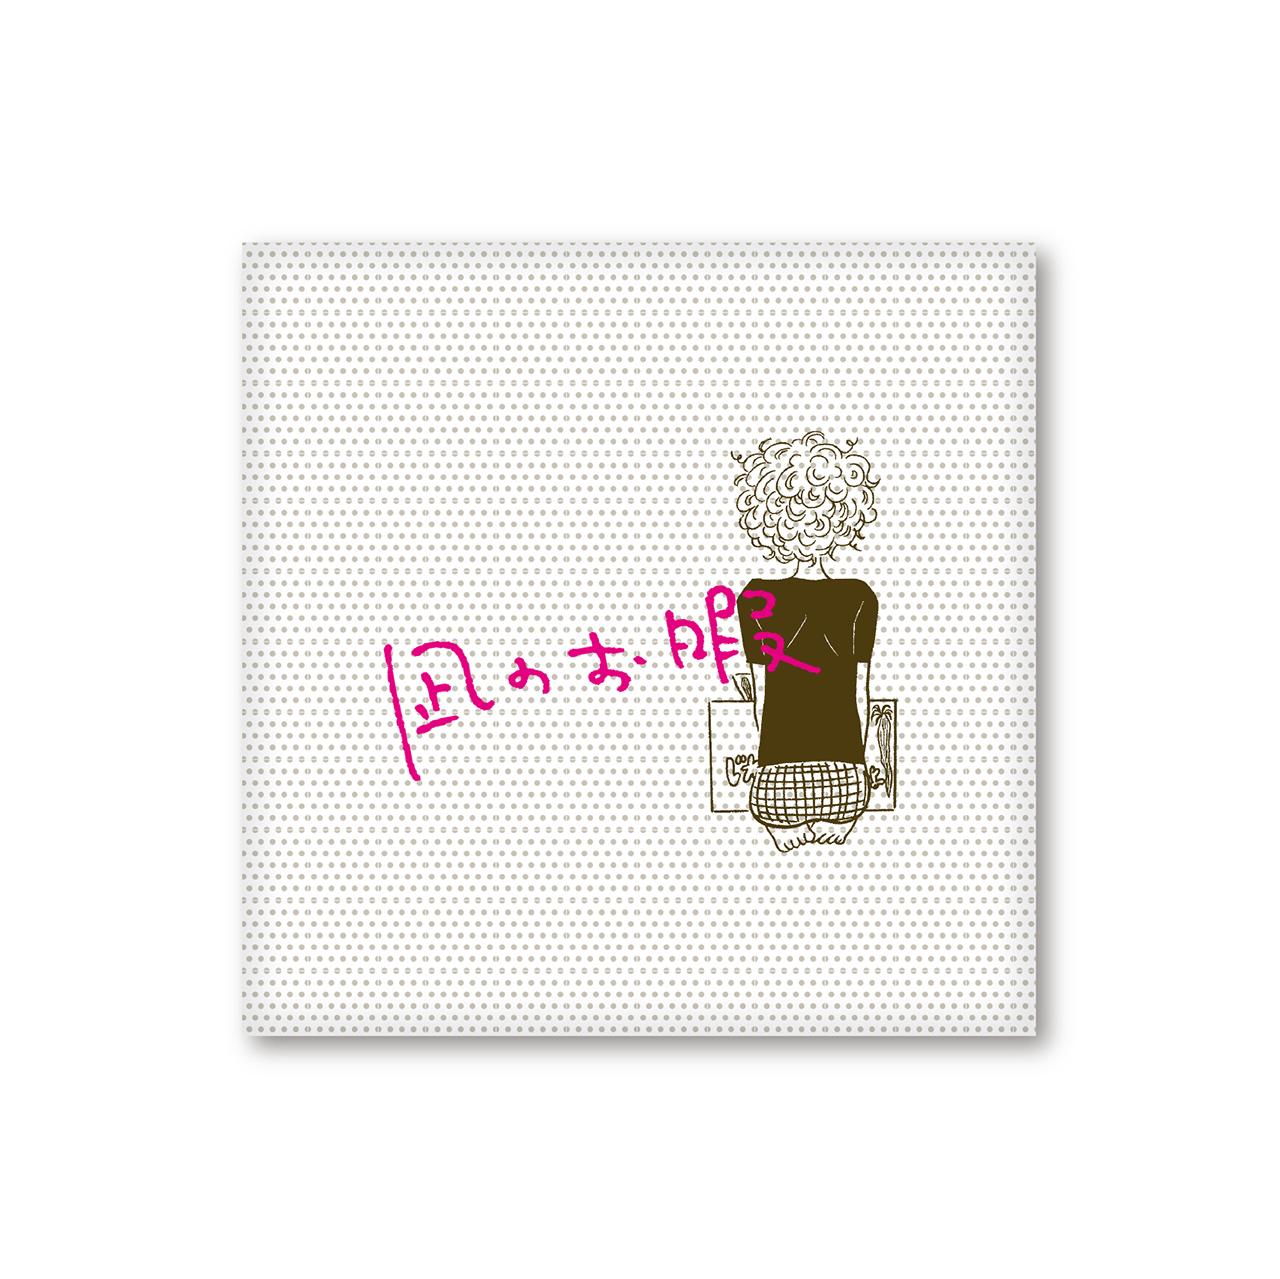 『凪のお暇』クッションB